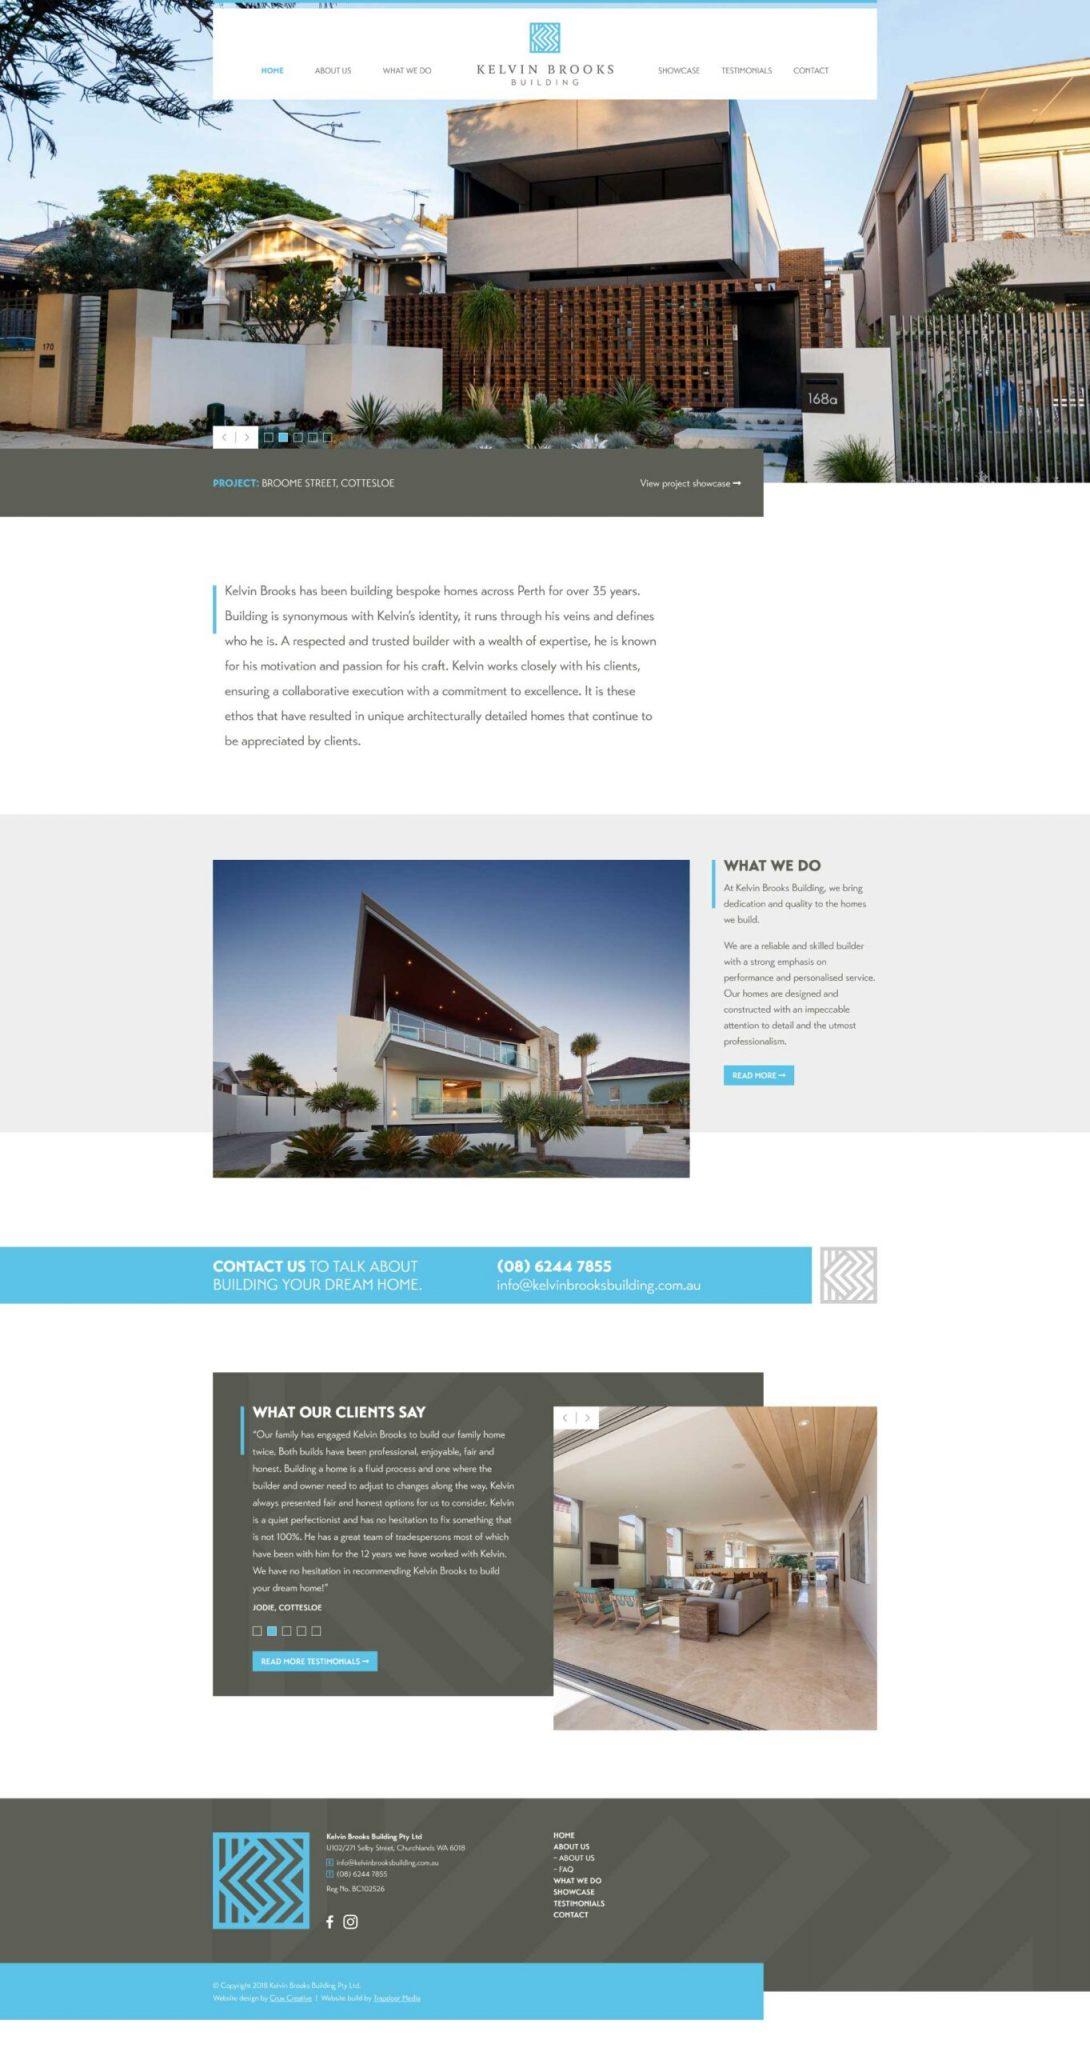 web design mockup kelvin brooks